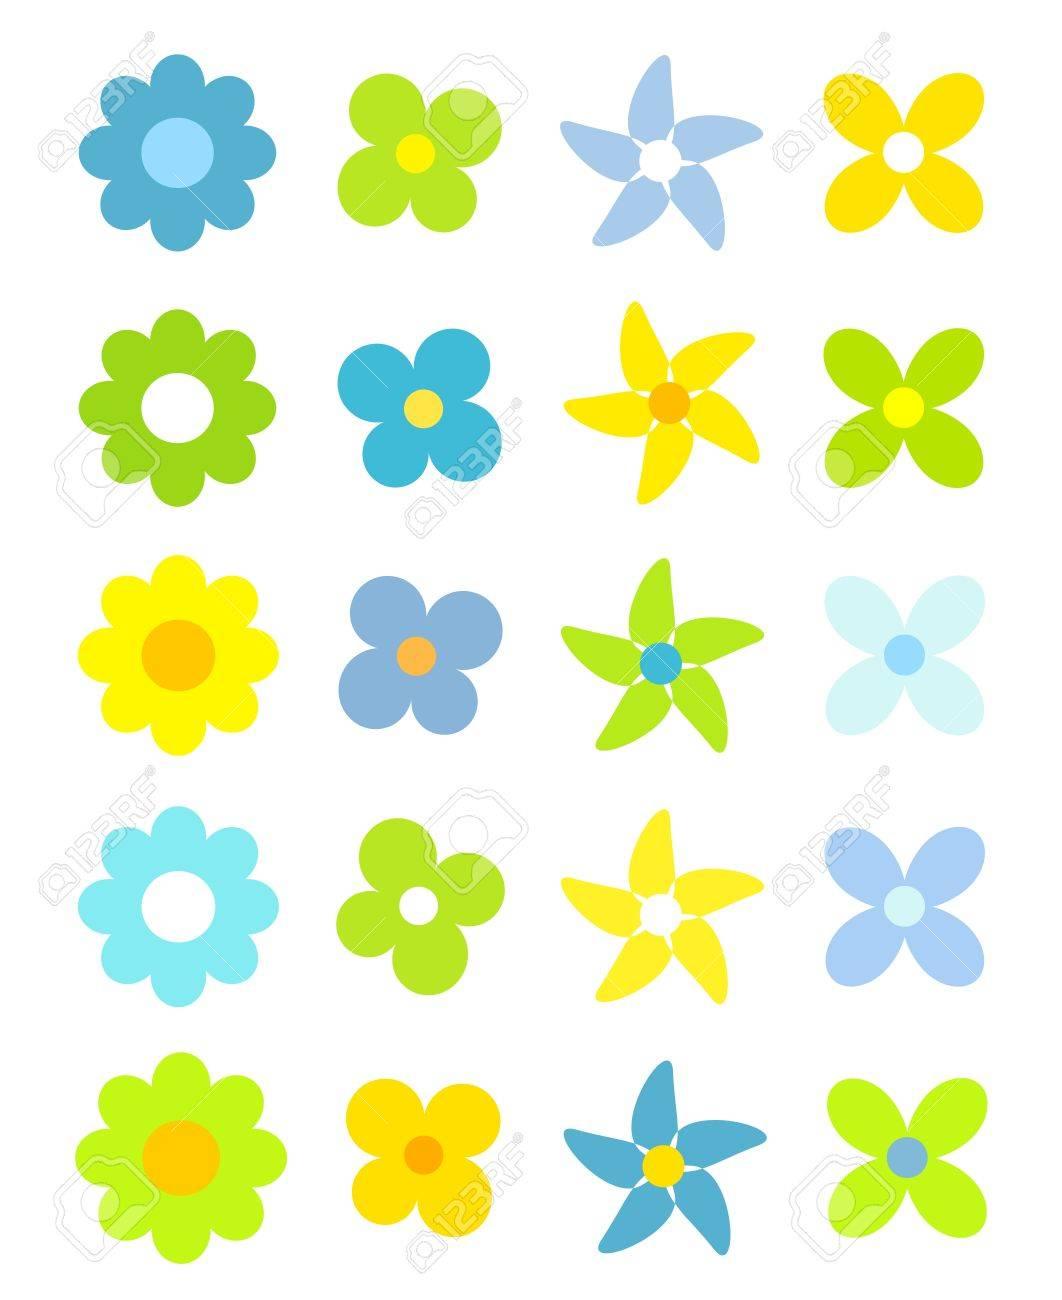 デザインのシンプルなかわいい花のコレクションベクトル イラストの